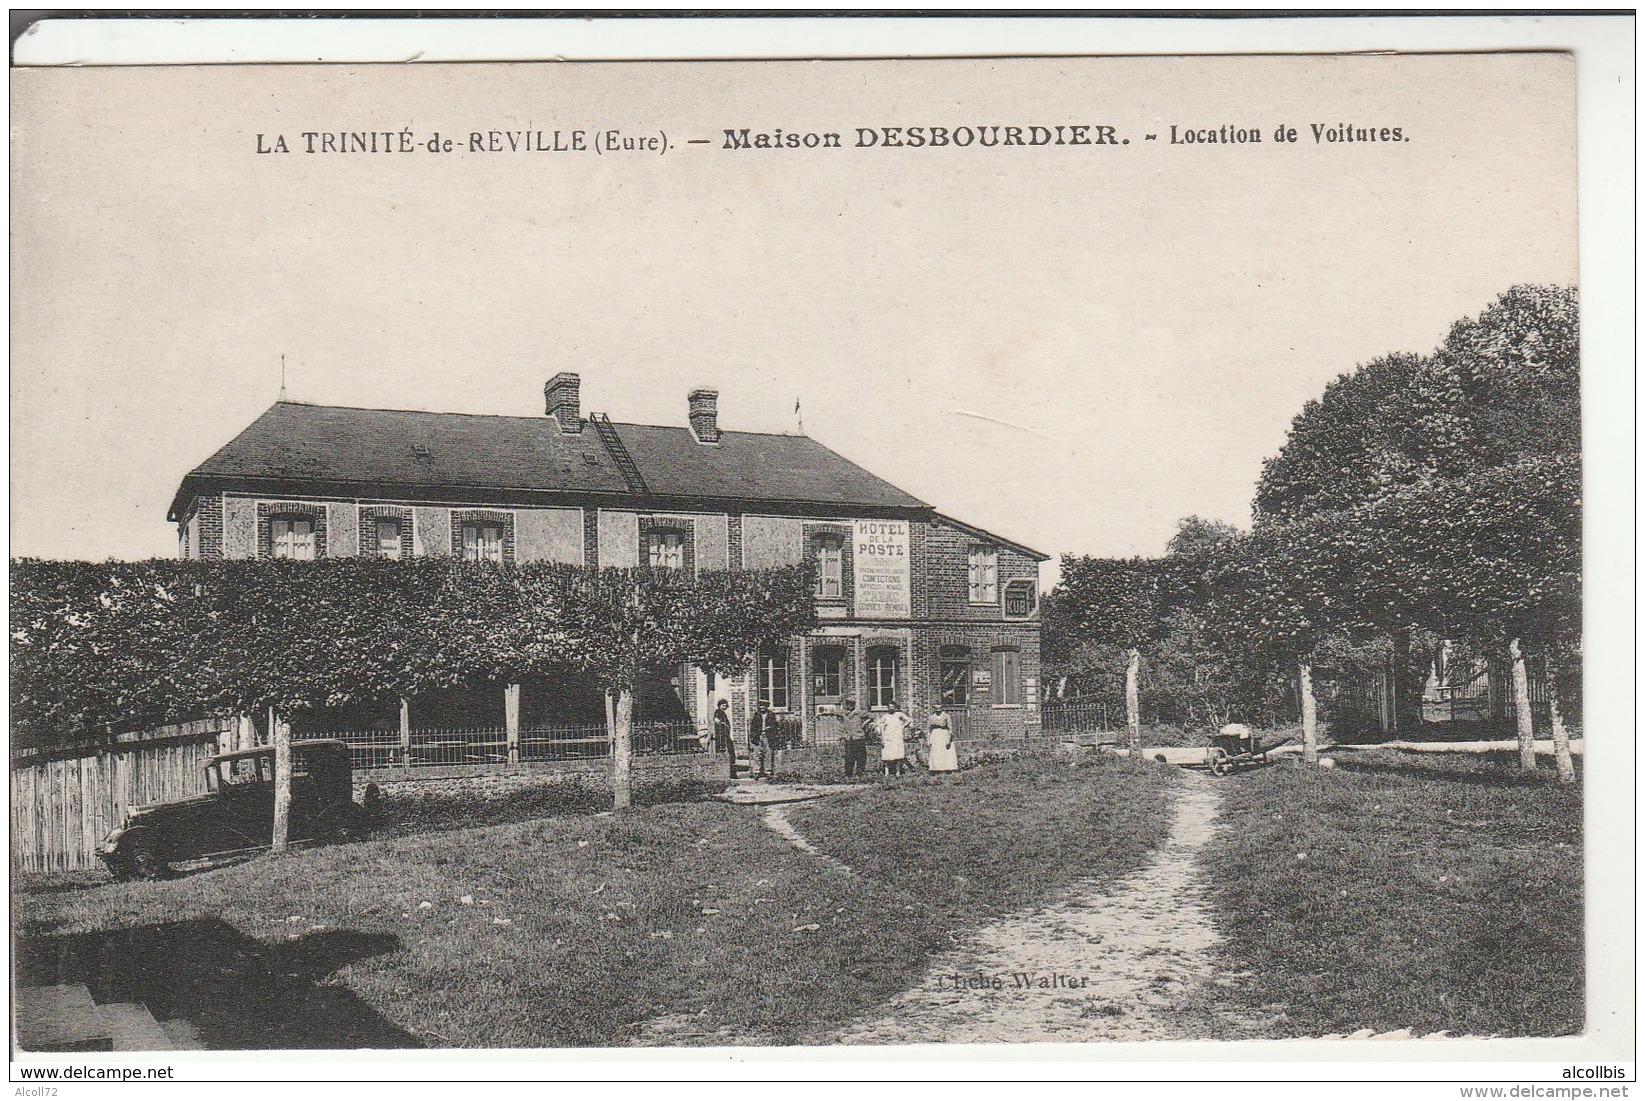 La Trinité De Reville-Maison Desbourdier-Location De Voitures-Cliché Walter.Ecrite Par Andarelli. - France